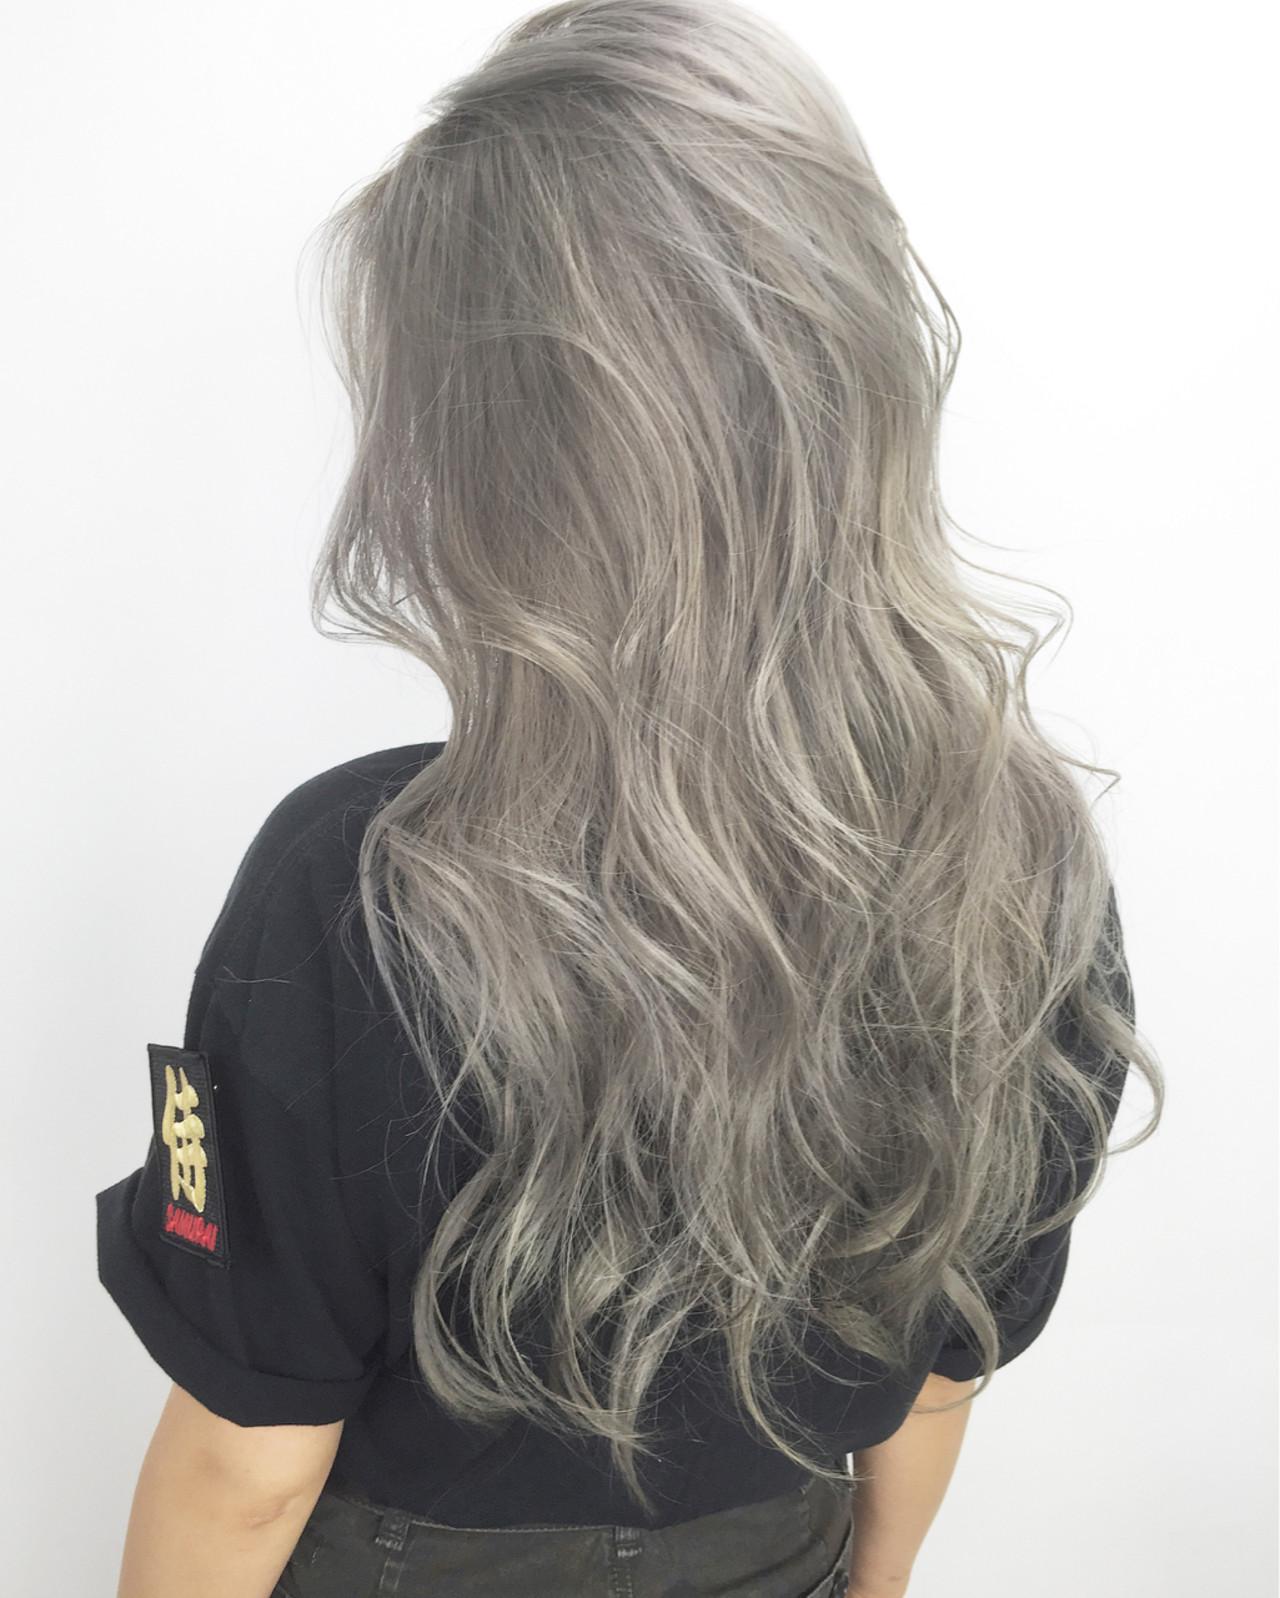 ロング 大人かわいい ストリート ゆるふわ ヘアスタイルや髪型の写真・画像 | 柴田 夏実 / ALBUM